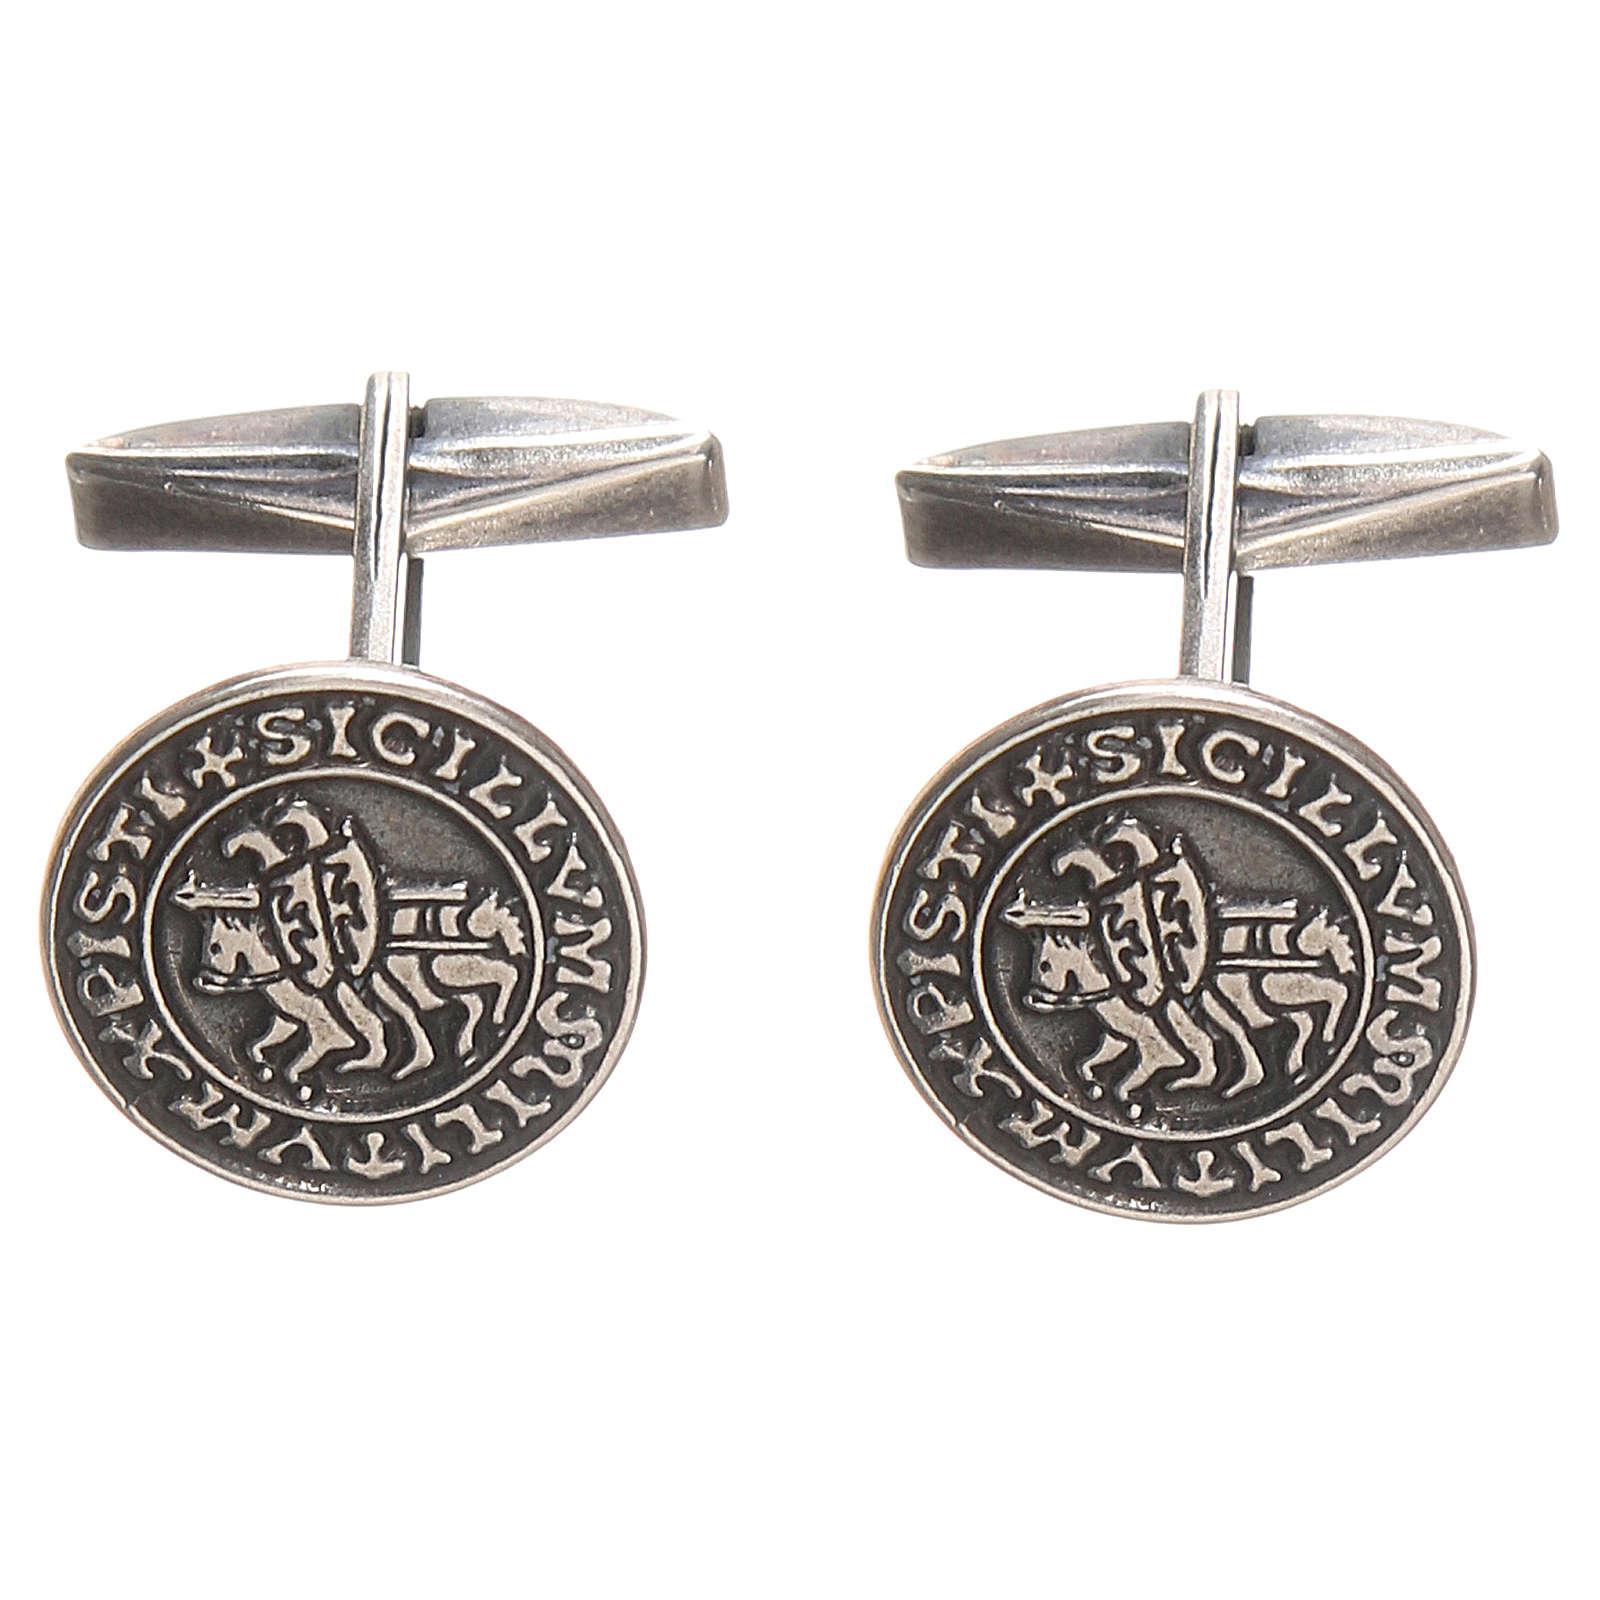 Gemelli per camicia argento 925 Sigillum Militum Xpisti 1,6 cm 4